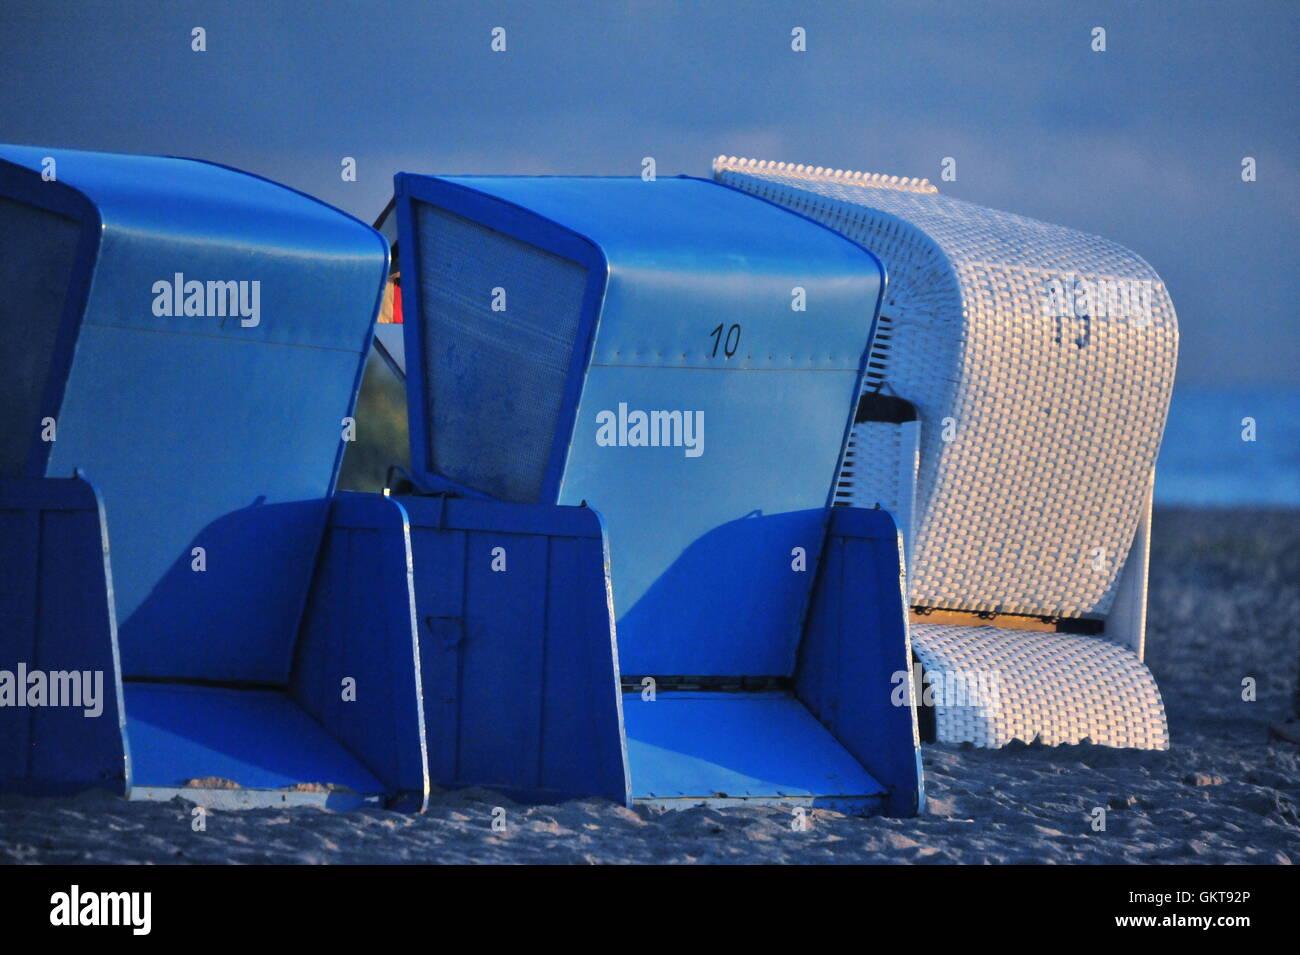 Strandkörbe, Ahrenshoop, Fischland-Darß-Zingst, Mecklenburg-Vorpommern, Deutschland, - Stock Image